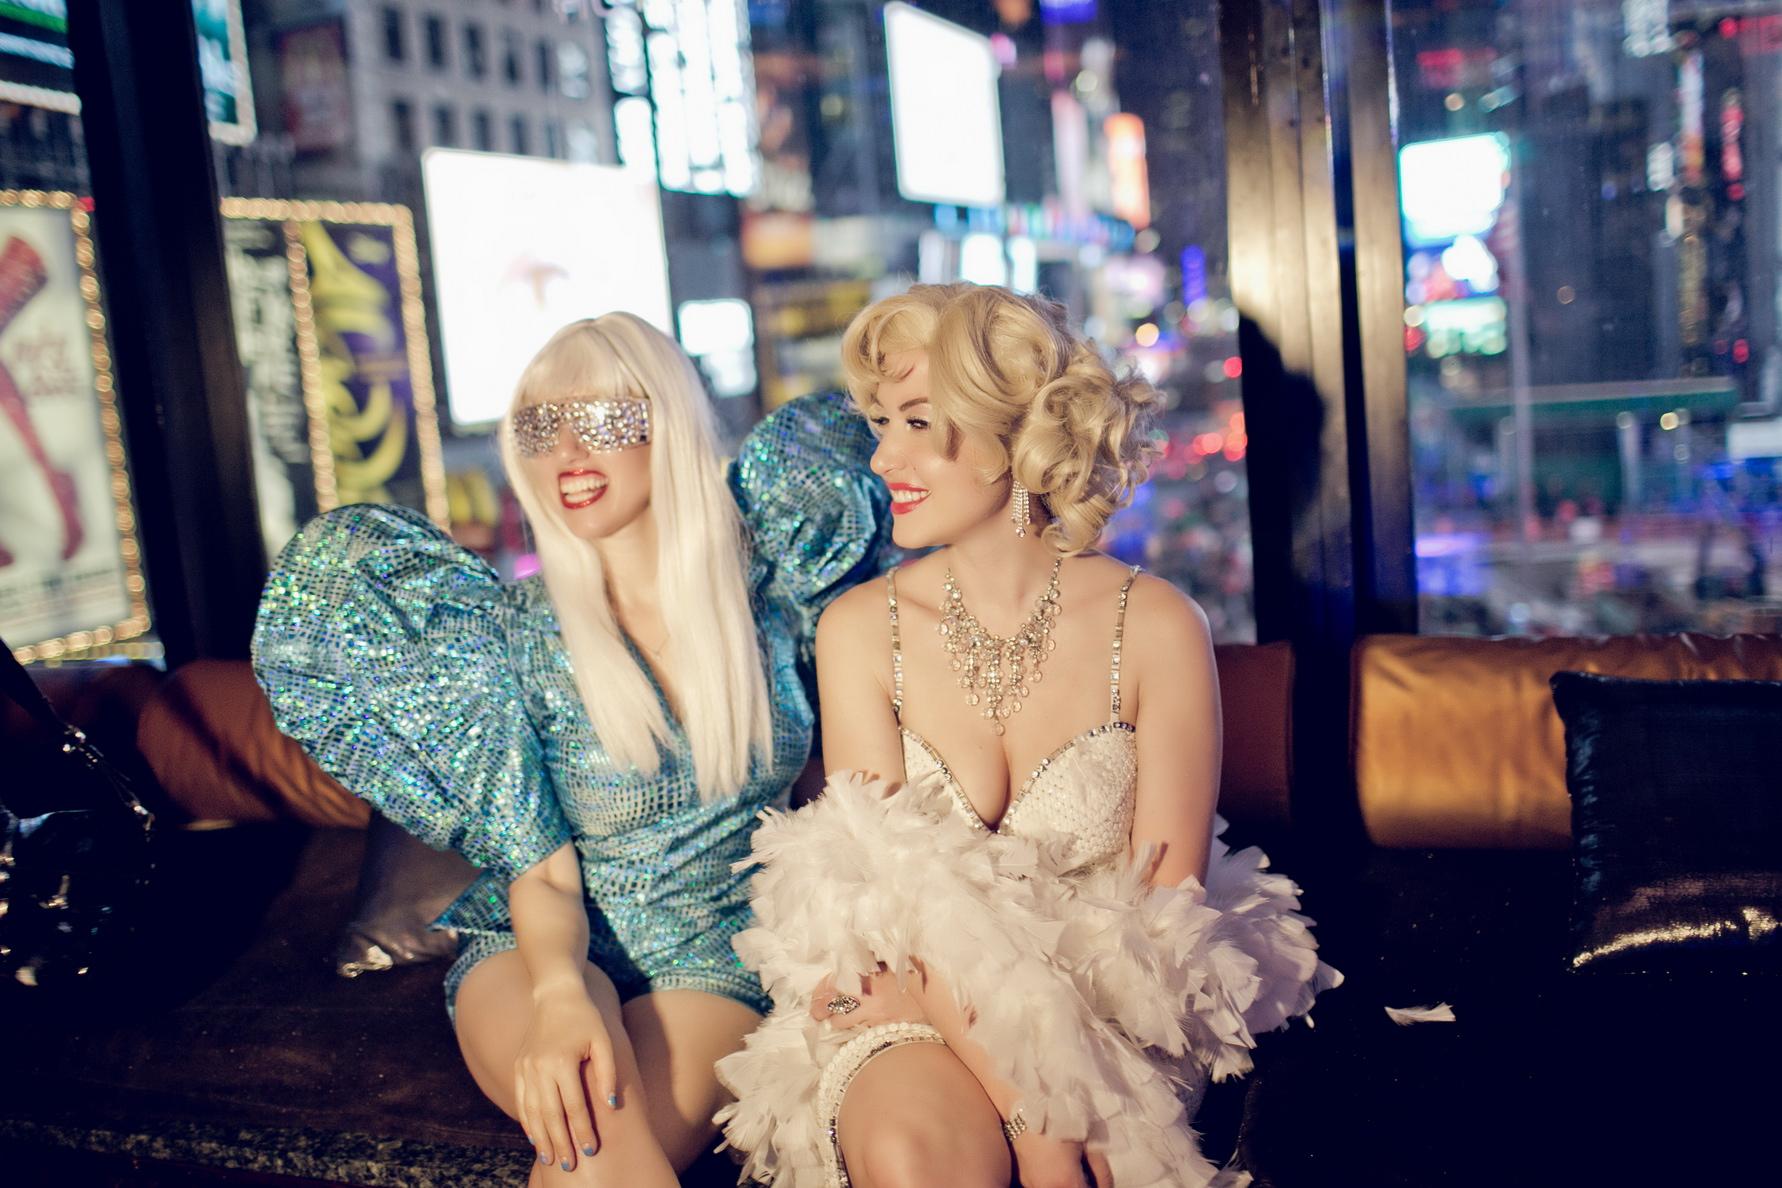 Athena as Gaga with Erika Smith as Marilyn Monroe